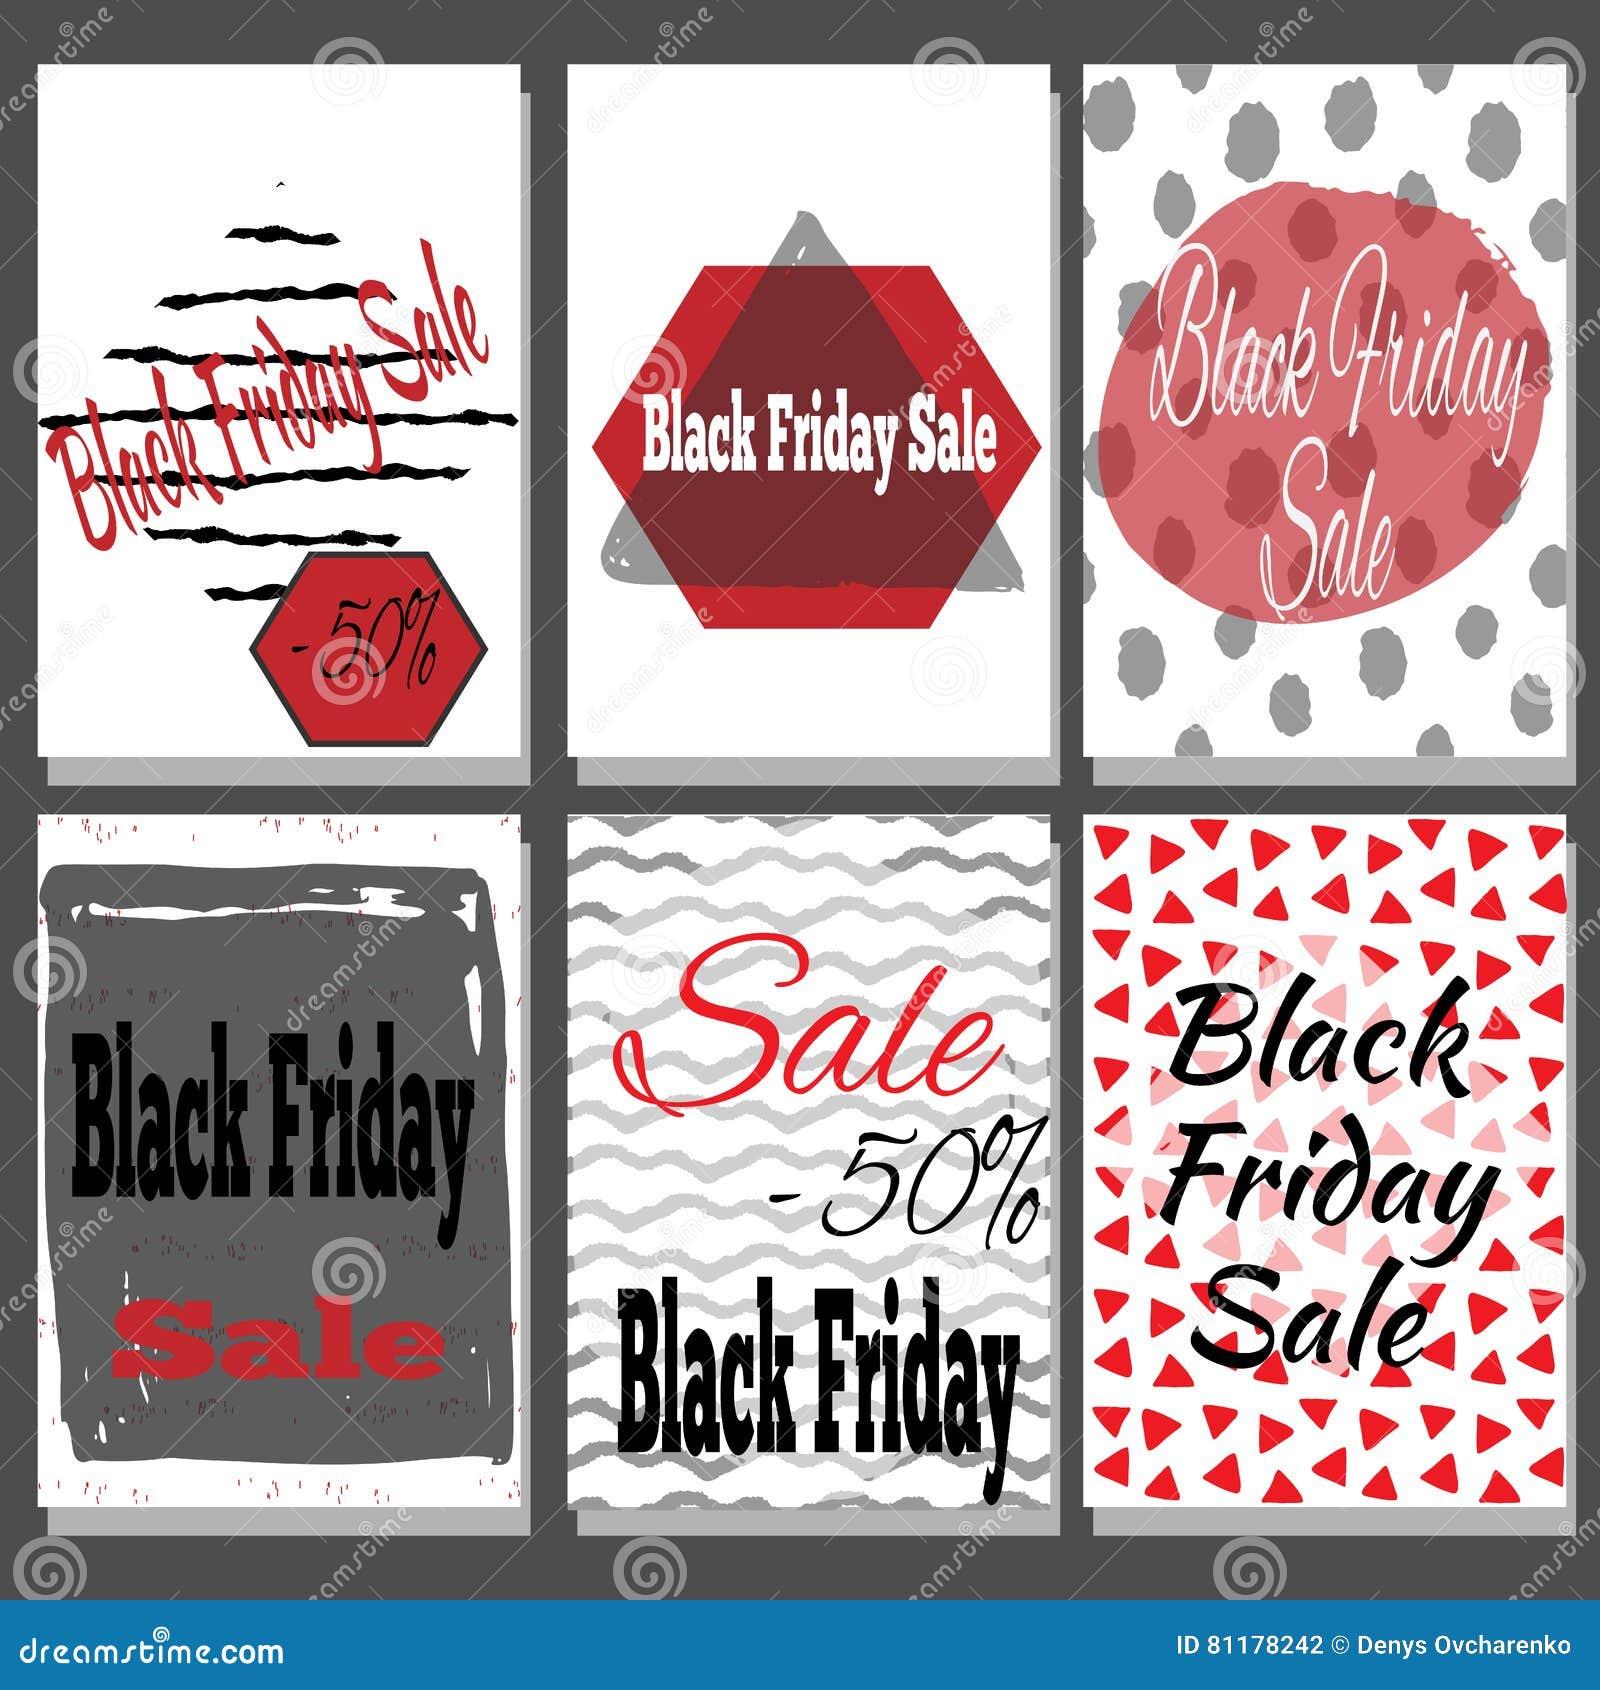 Cartel de la venta de Black Friday con letras